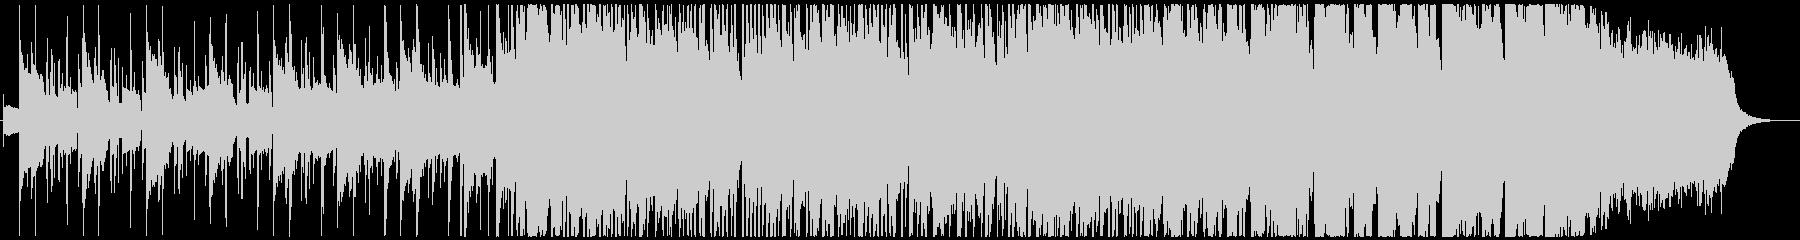 エレピとオルガンとオケのエンディングの未再生の波形